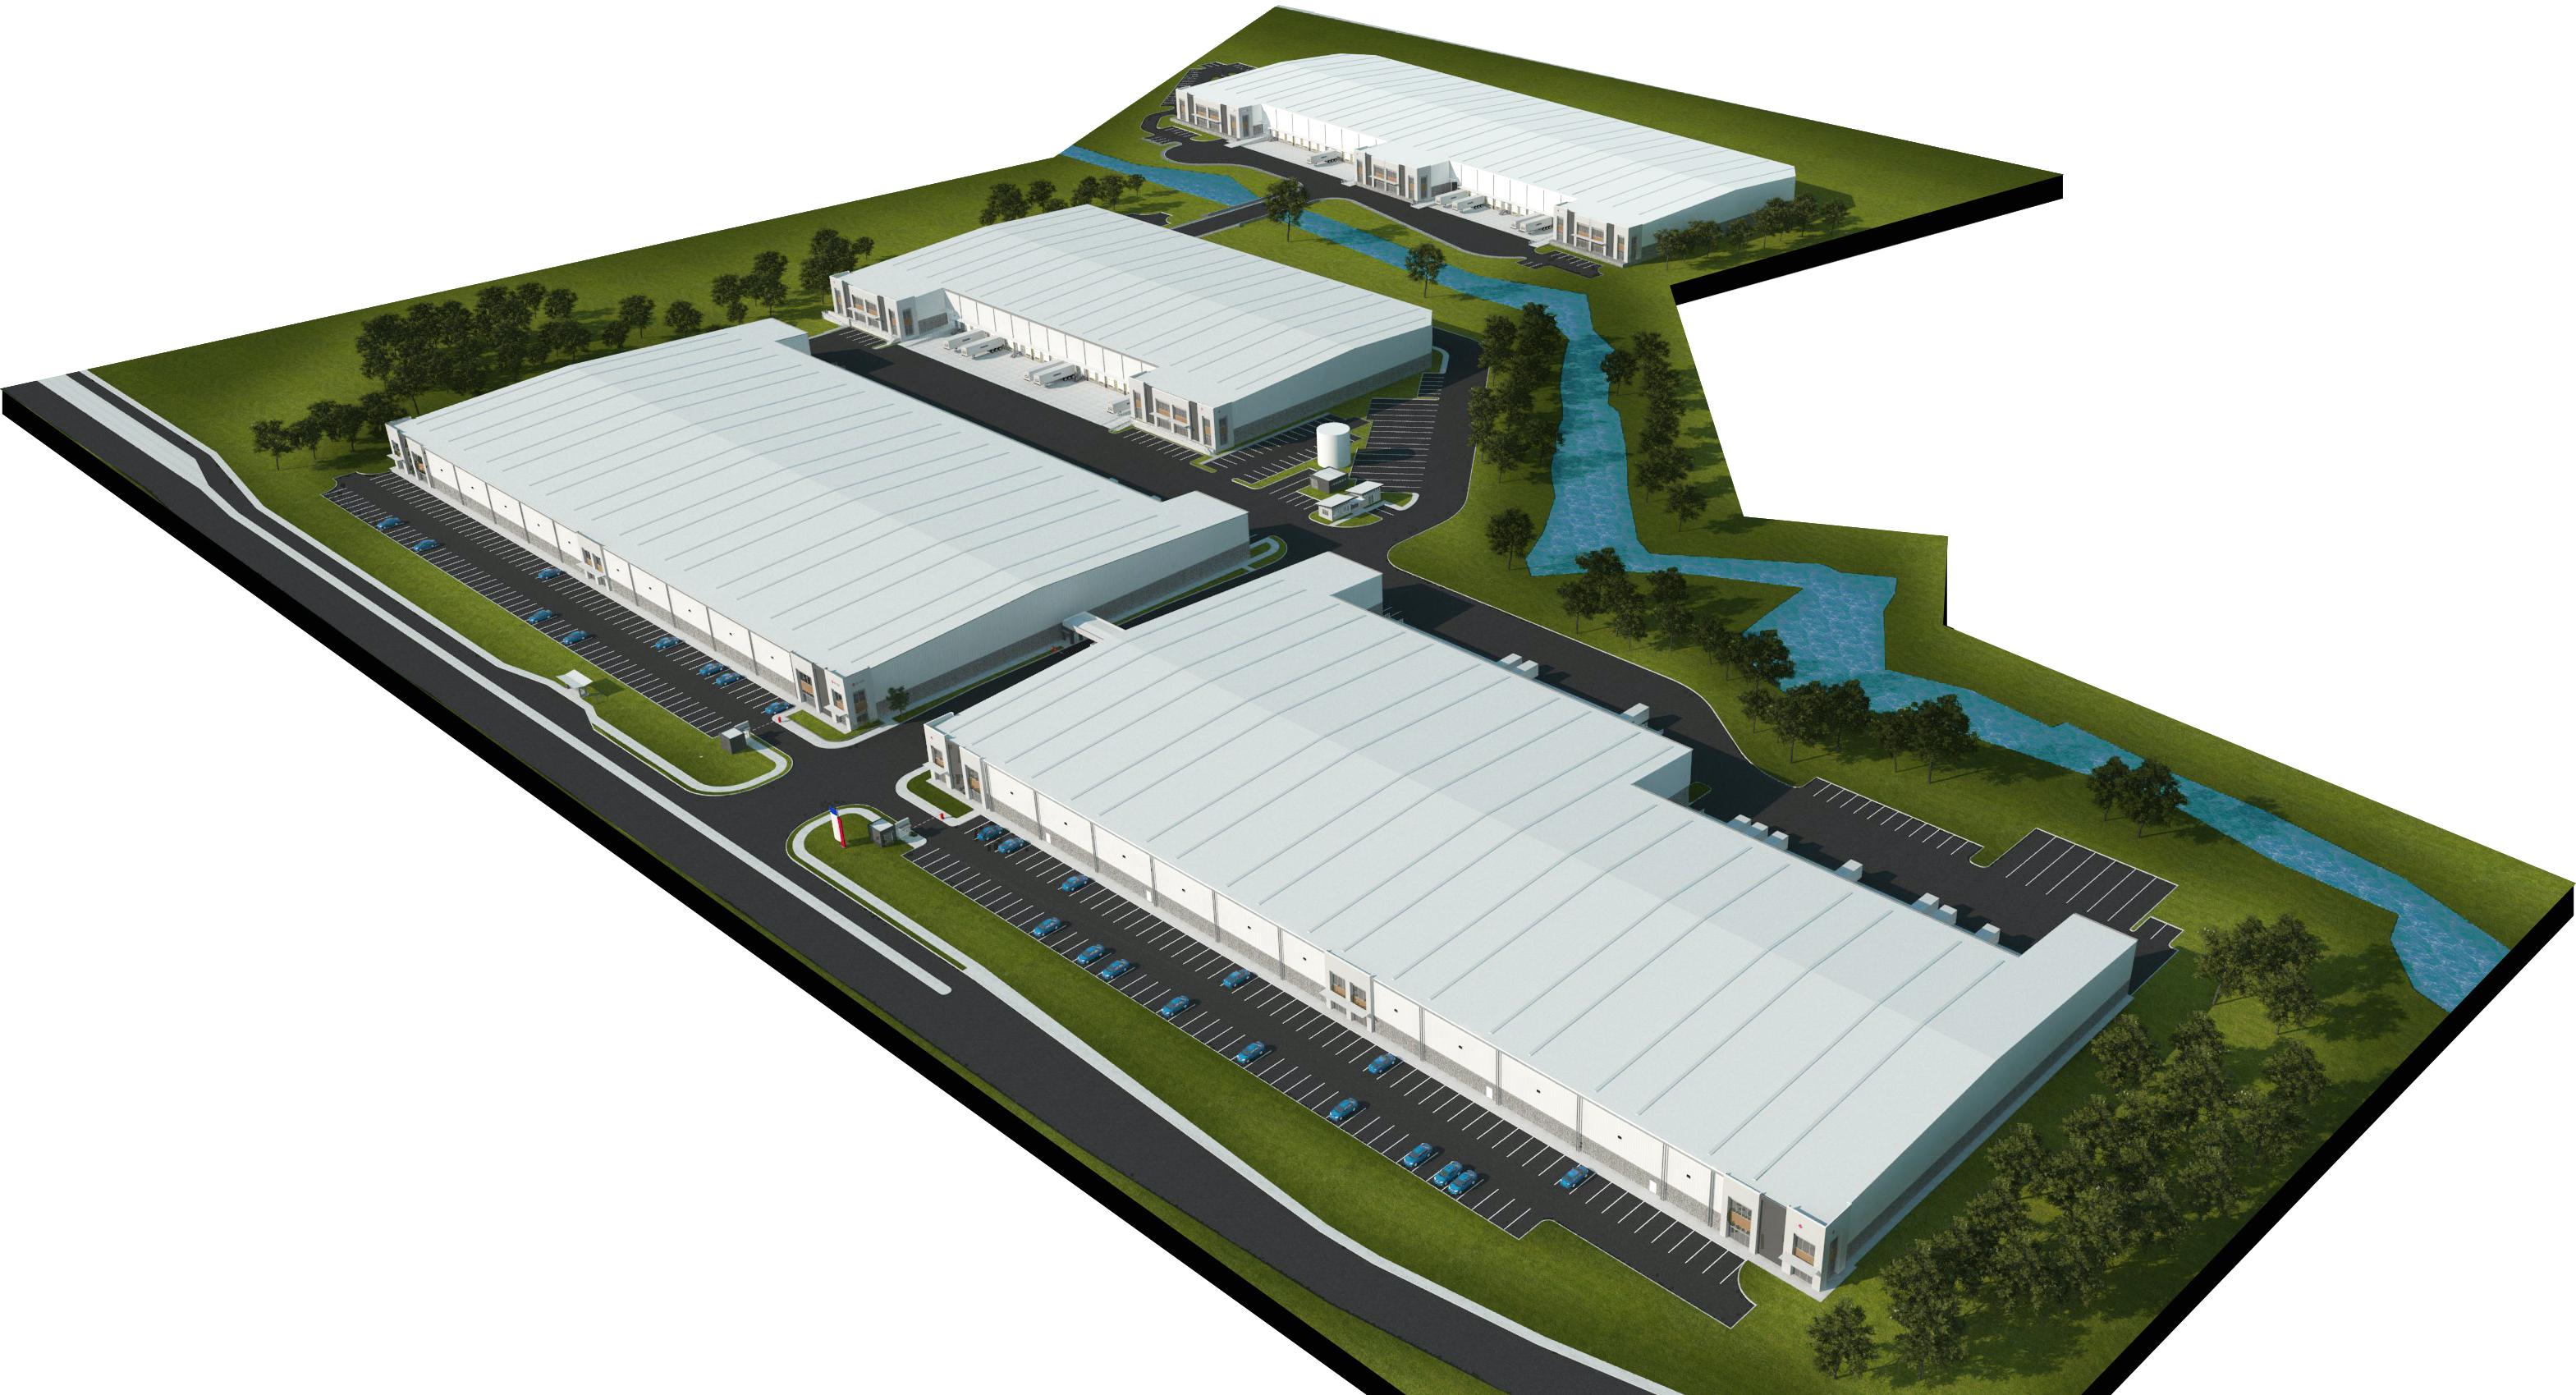 El proyecto se divide en 3 etapas que se construirán a partir del 2015 y hasta el 2017